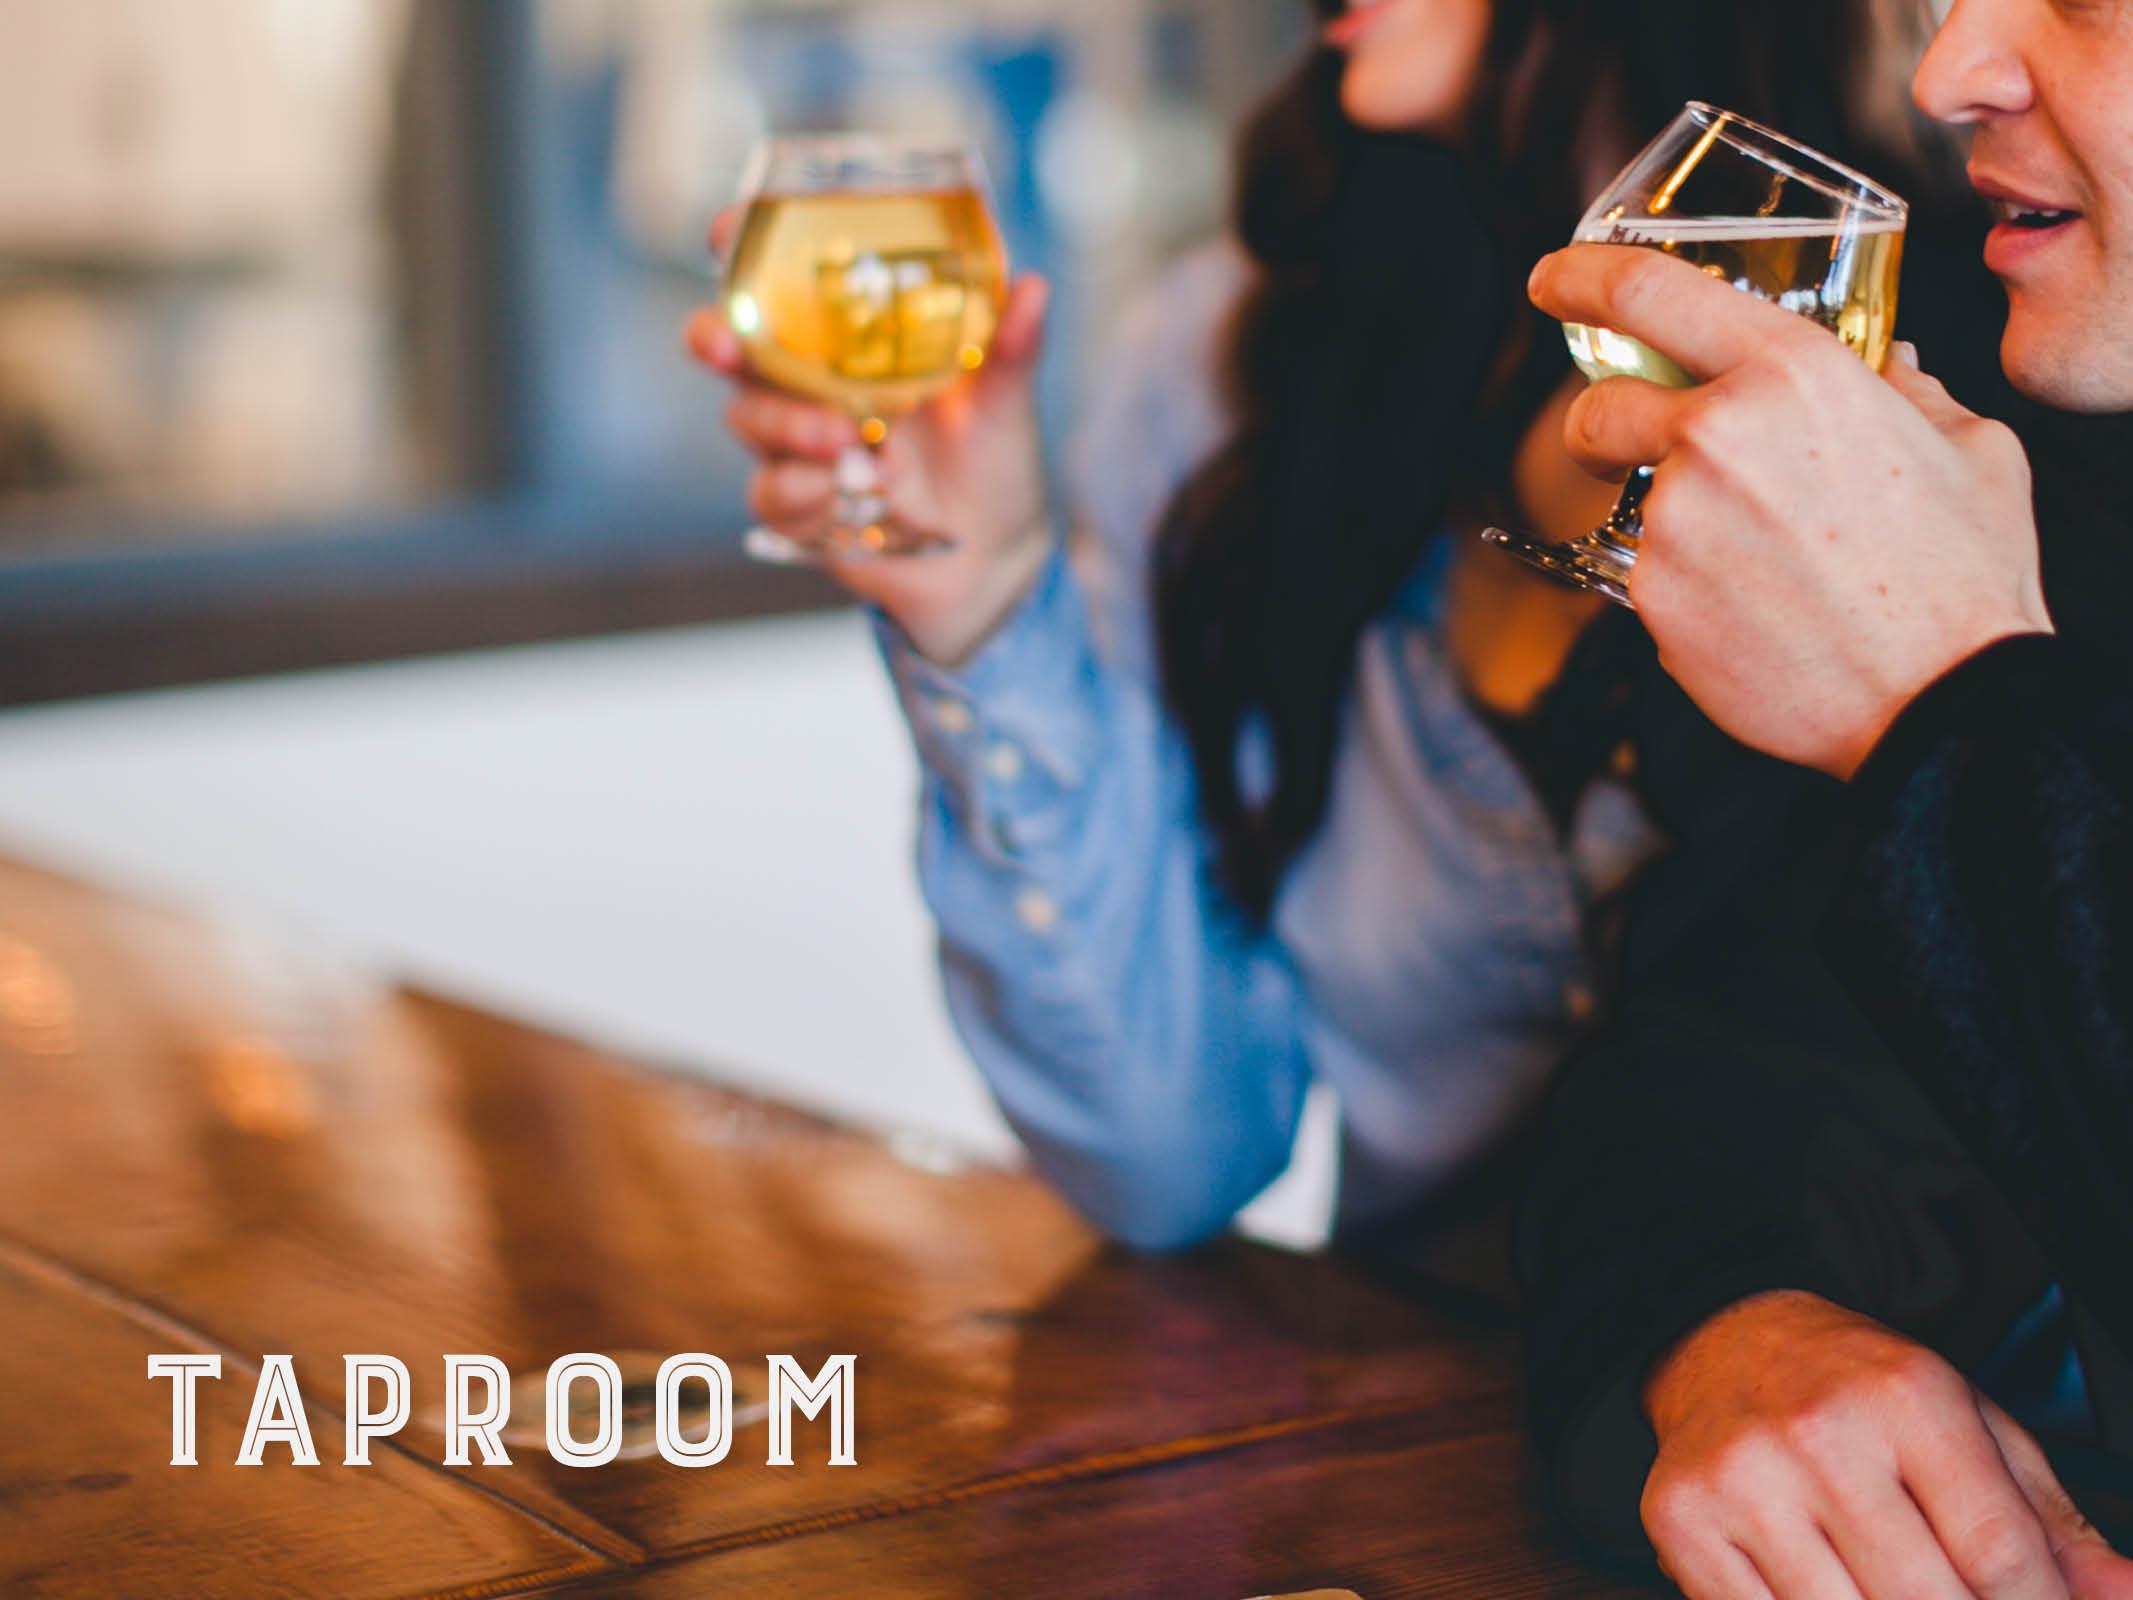 Taproom website header 2018.jpg